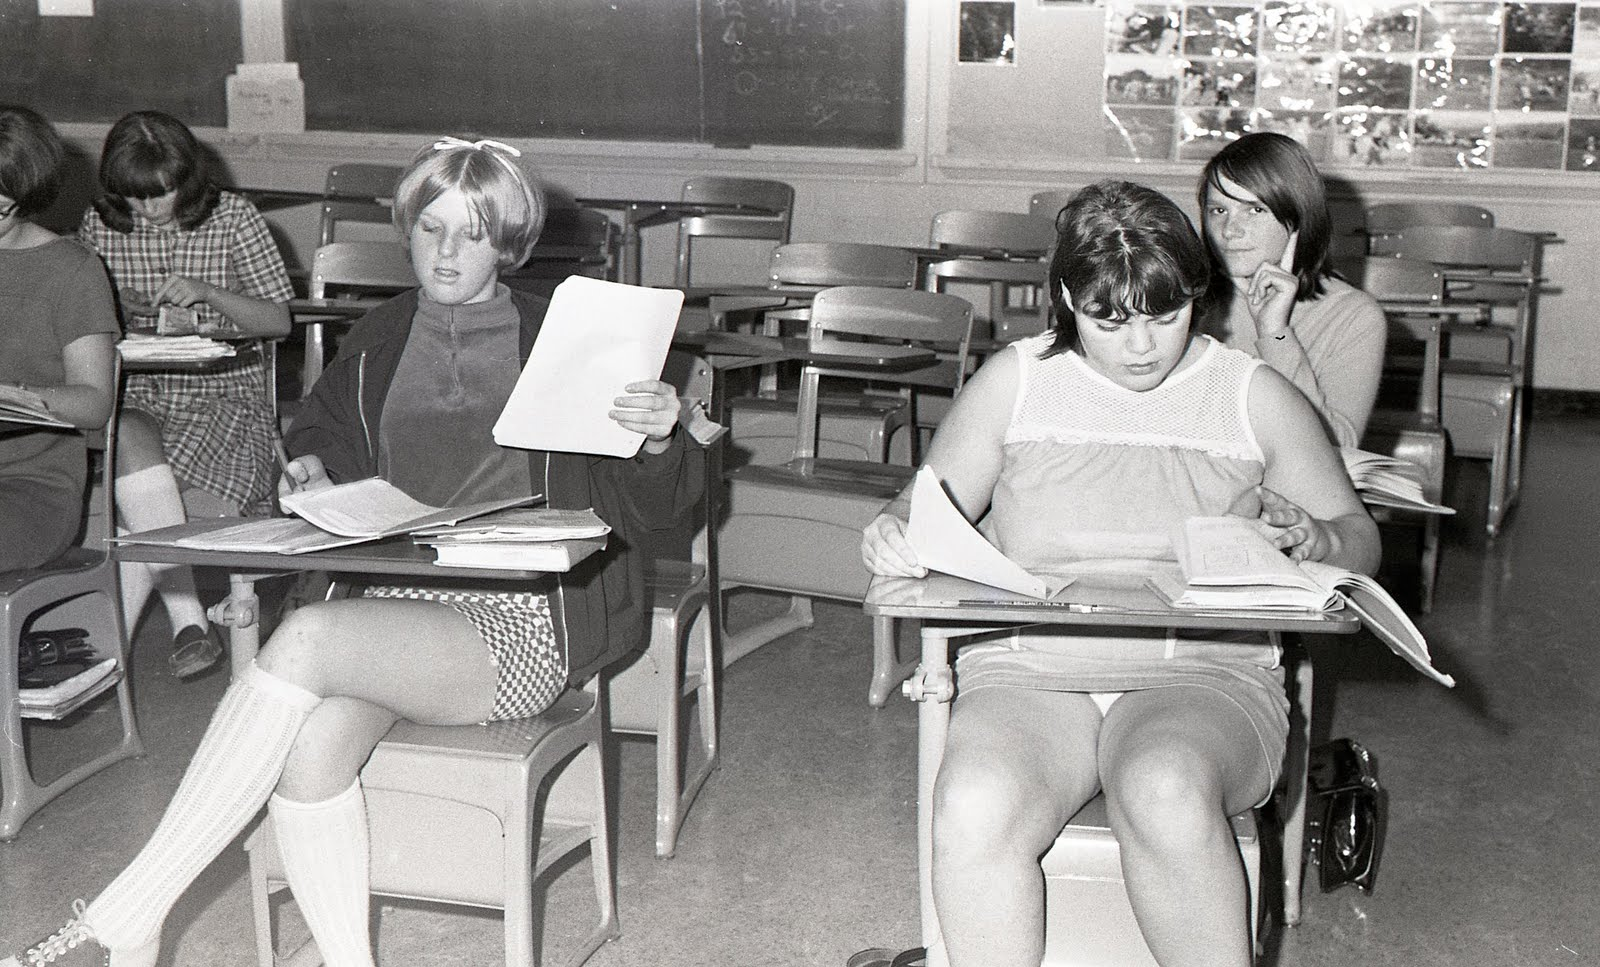 Учительницы фото под юбкой 1 фотография